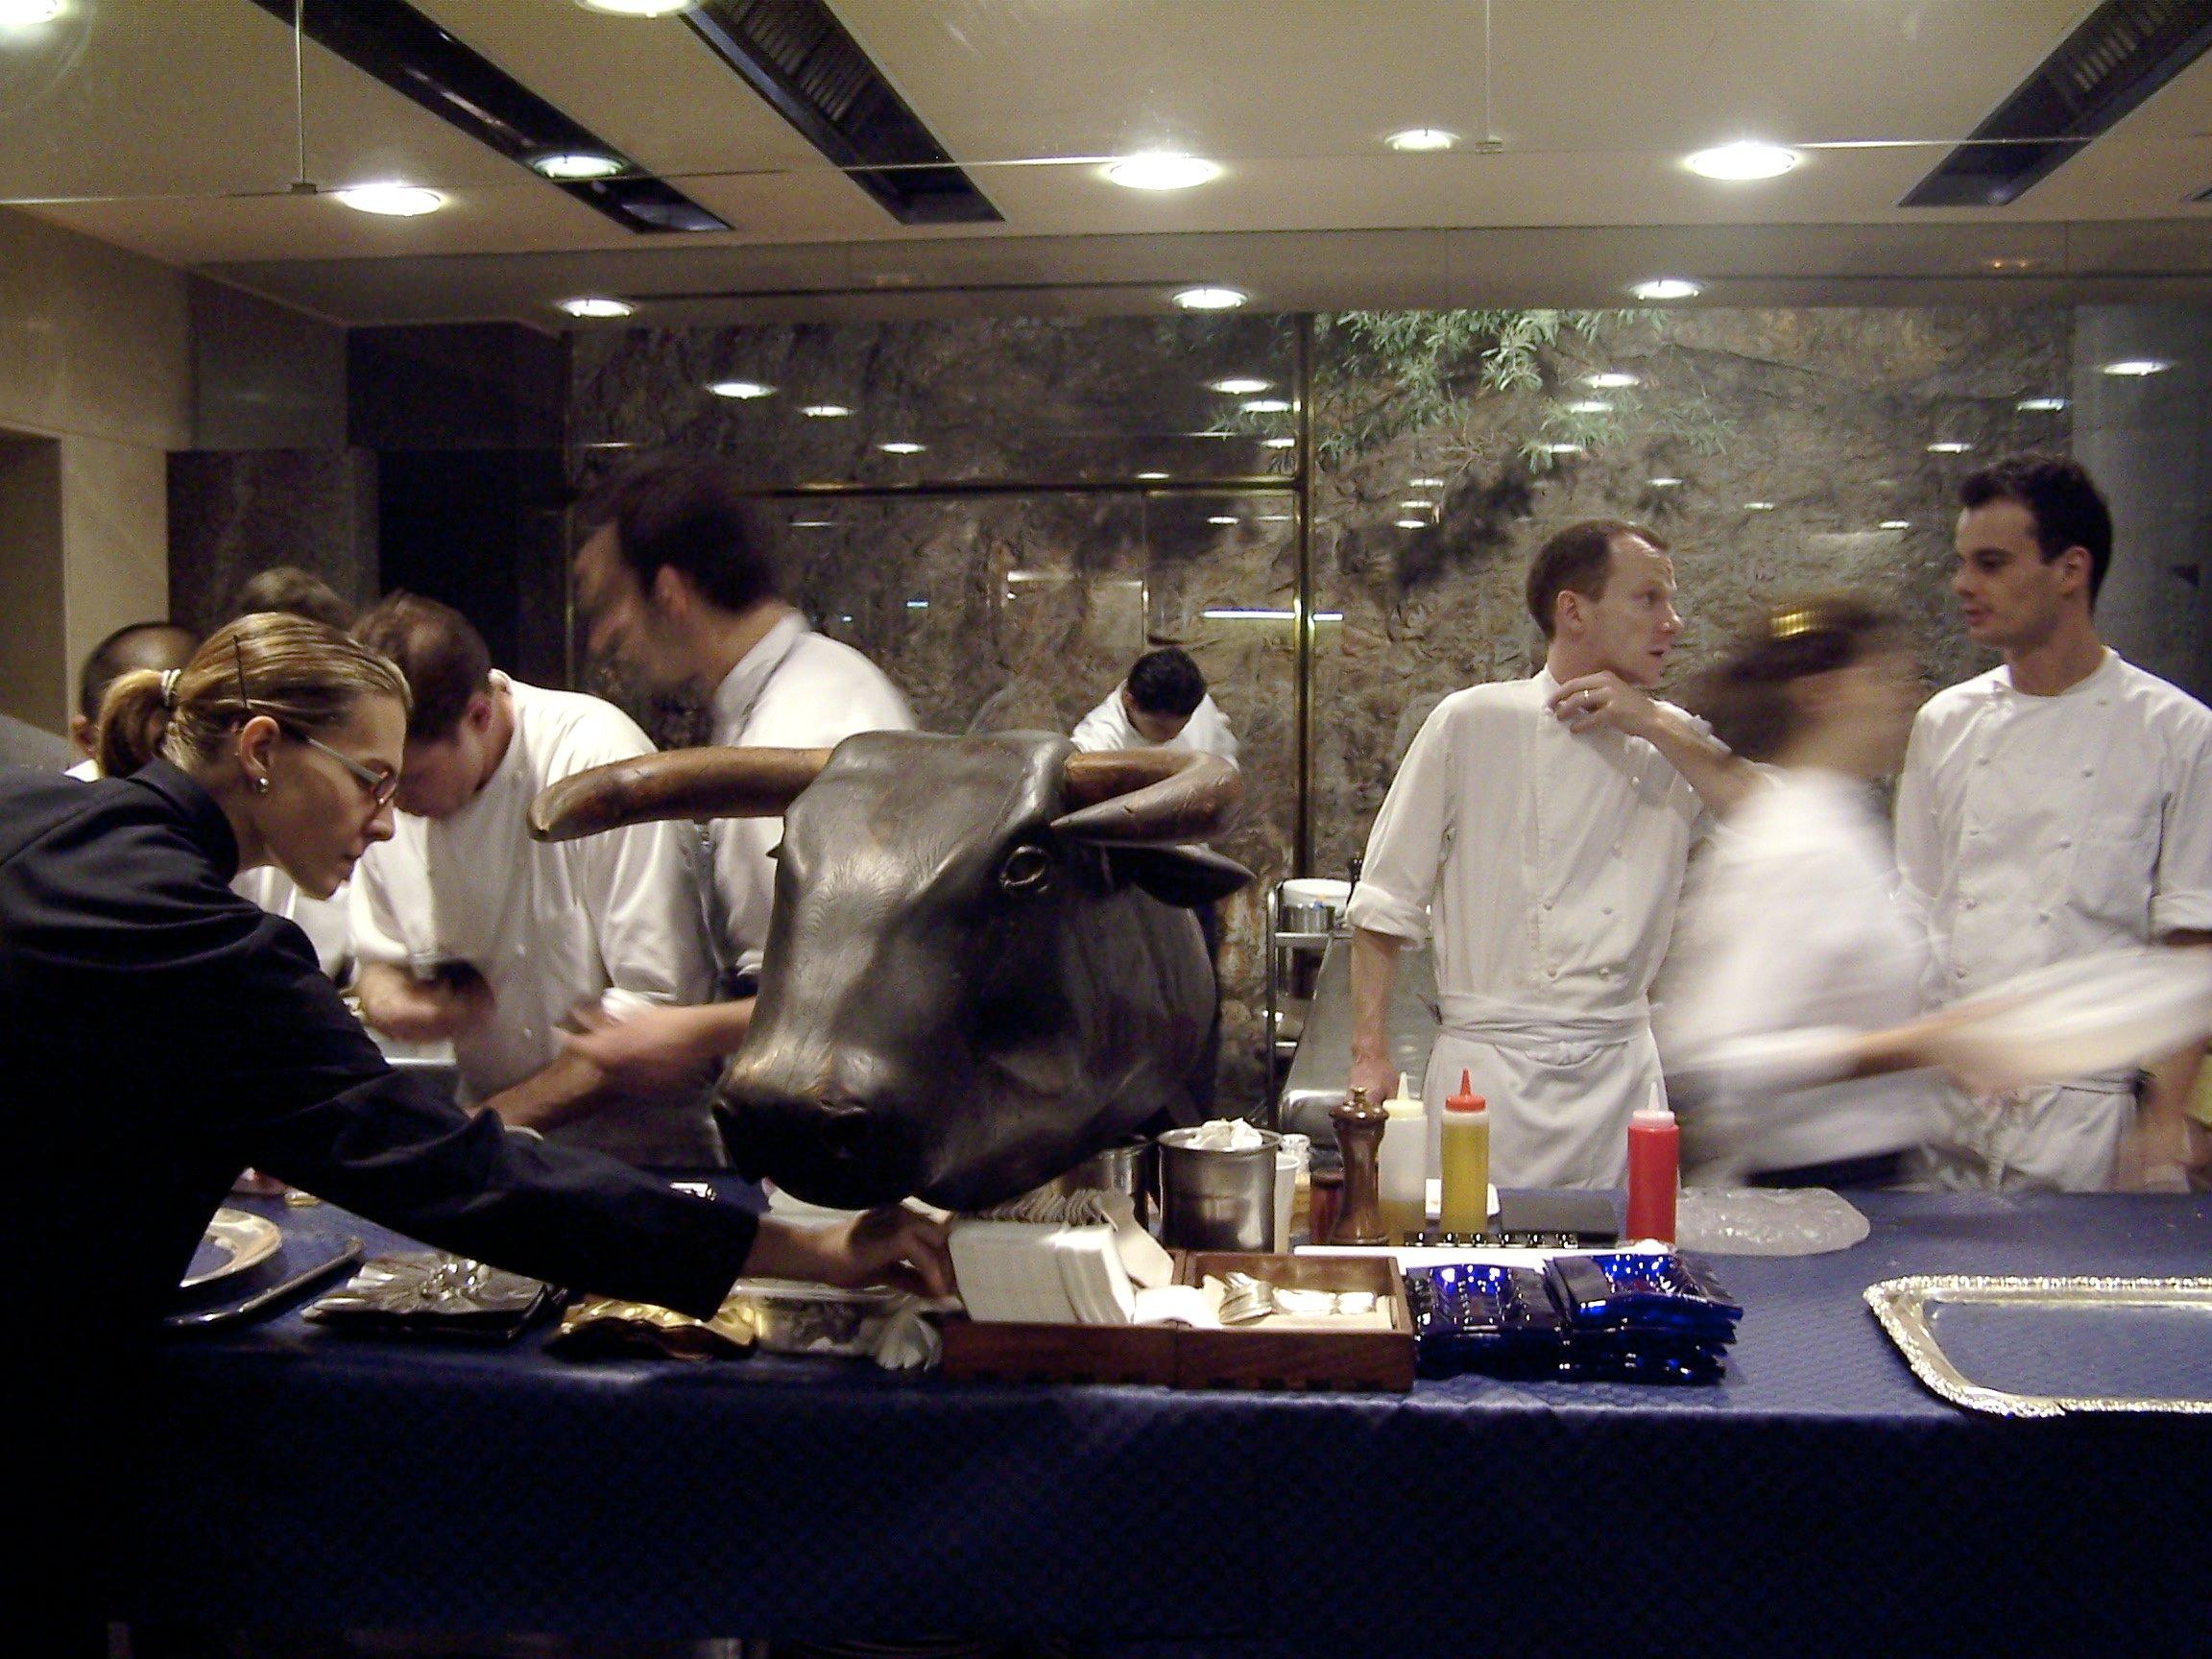 El Bulli kitchen